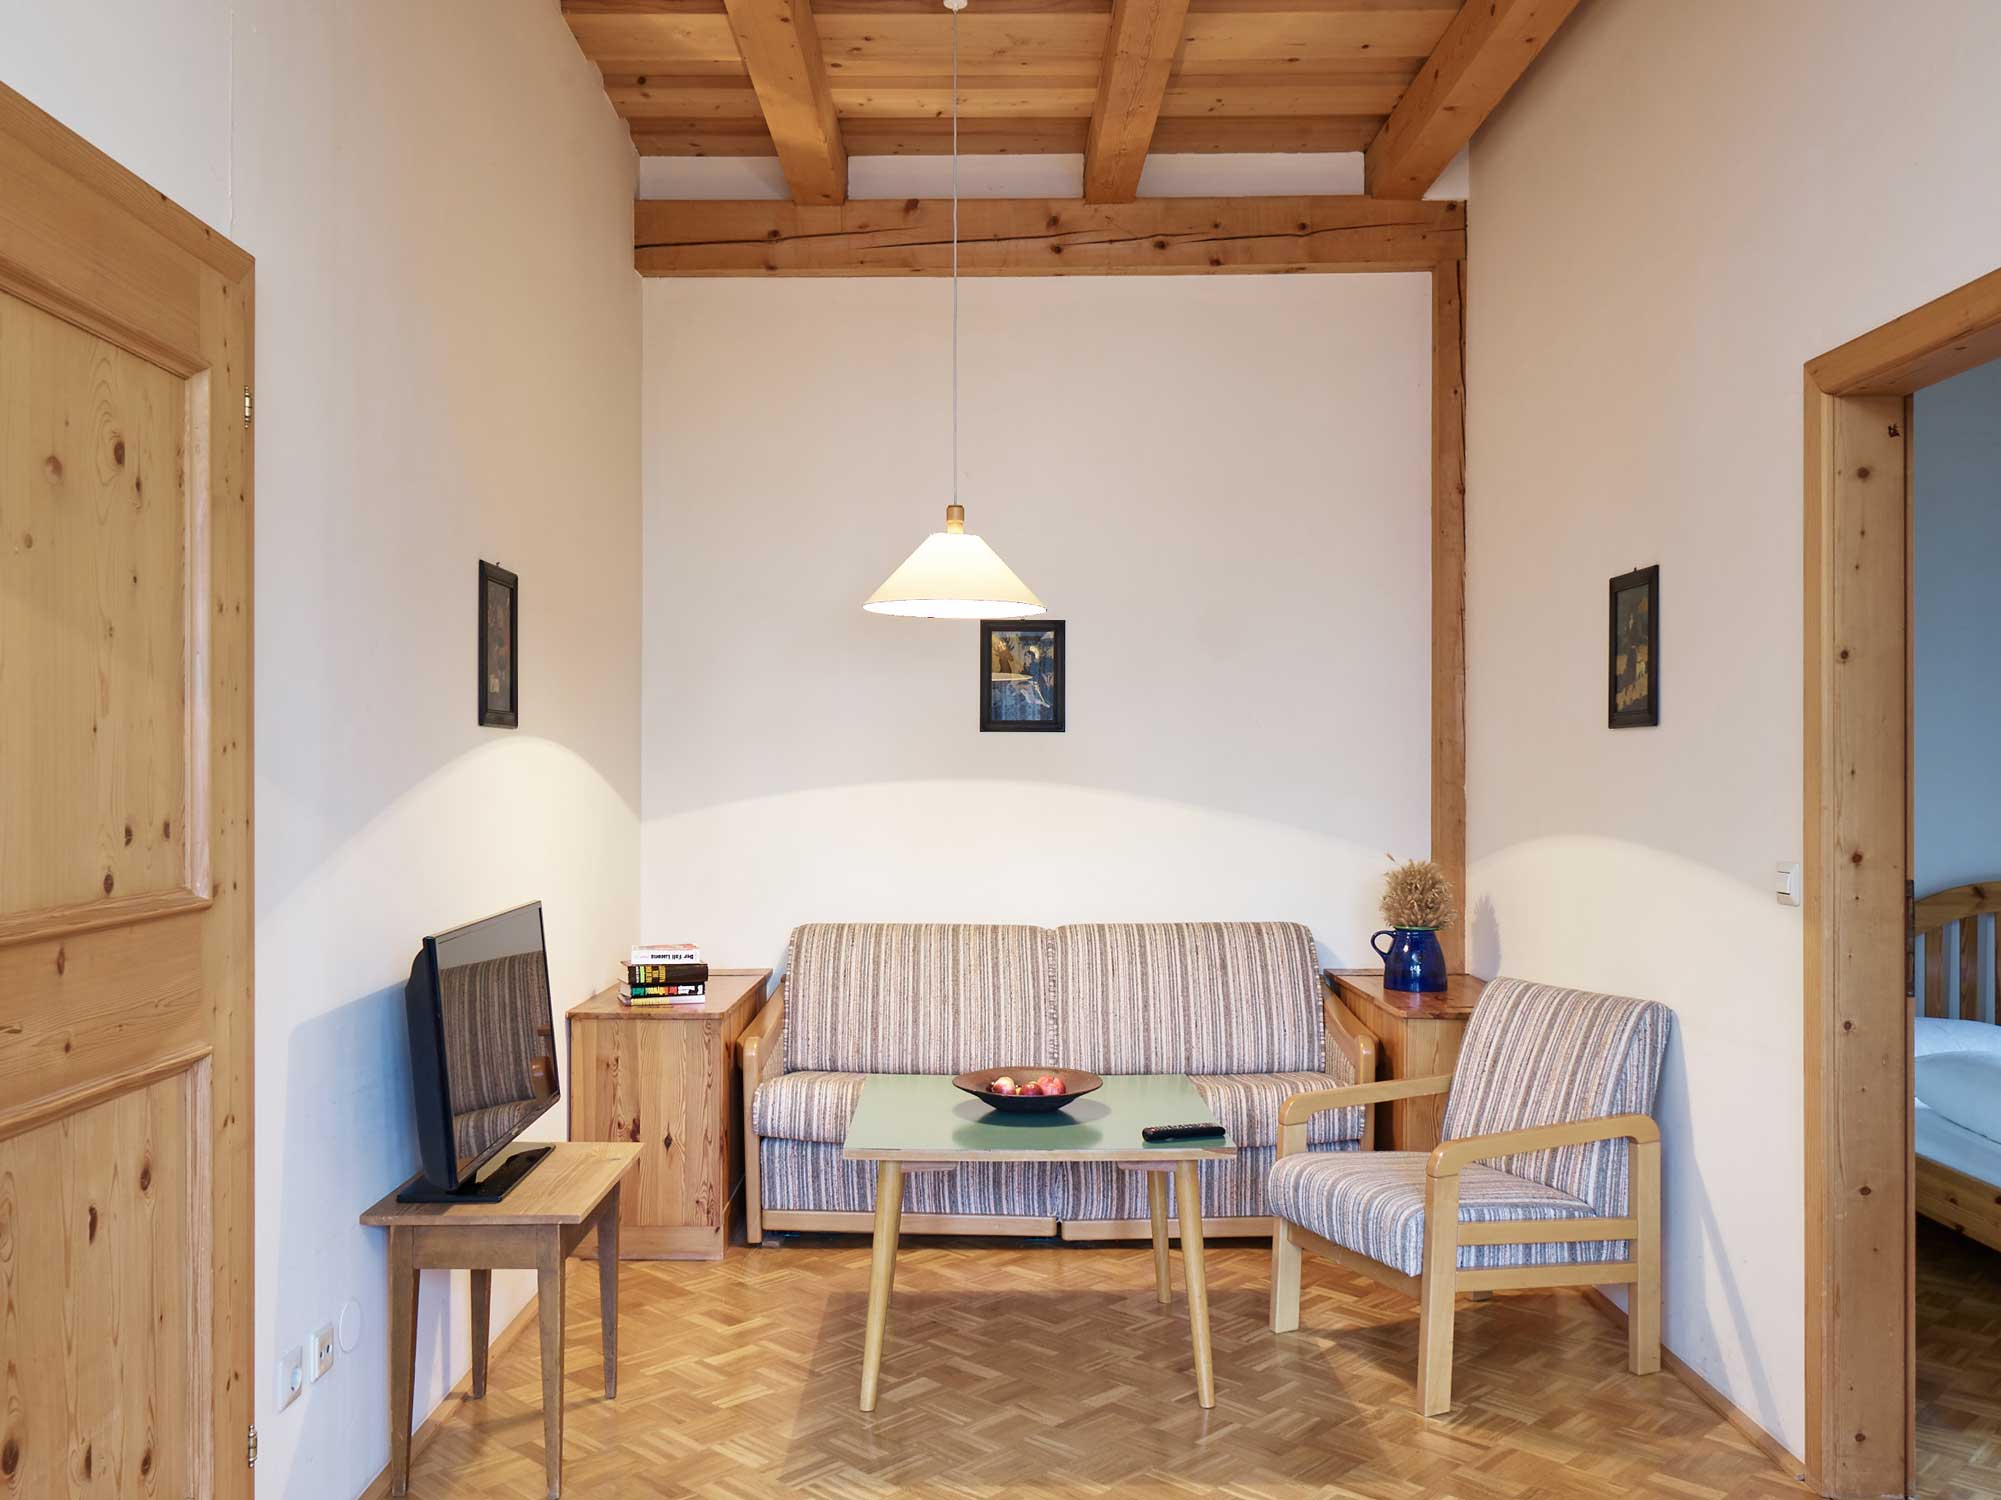 gaestewohnung-kirchenblick-wohnzimmer.jpg